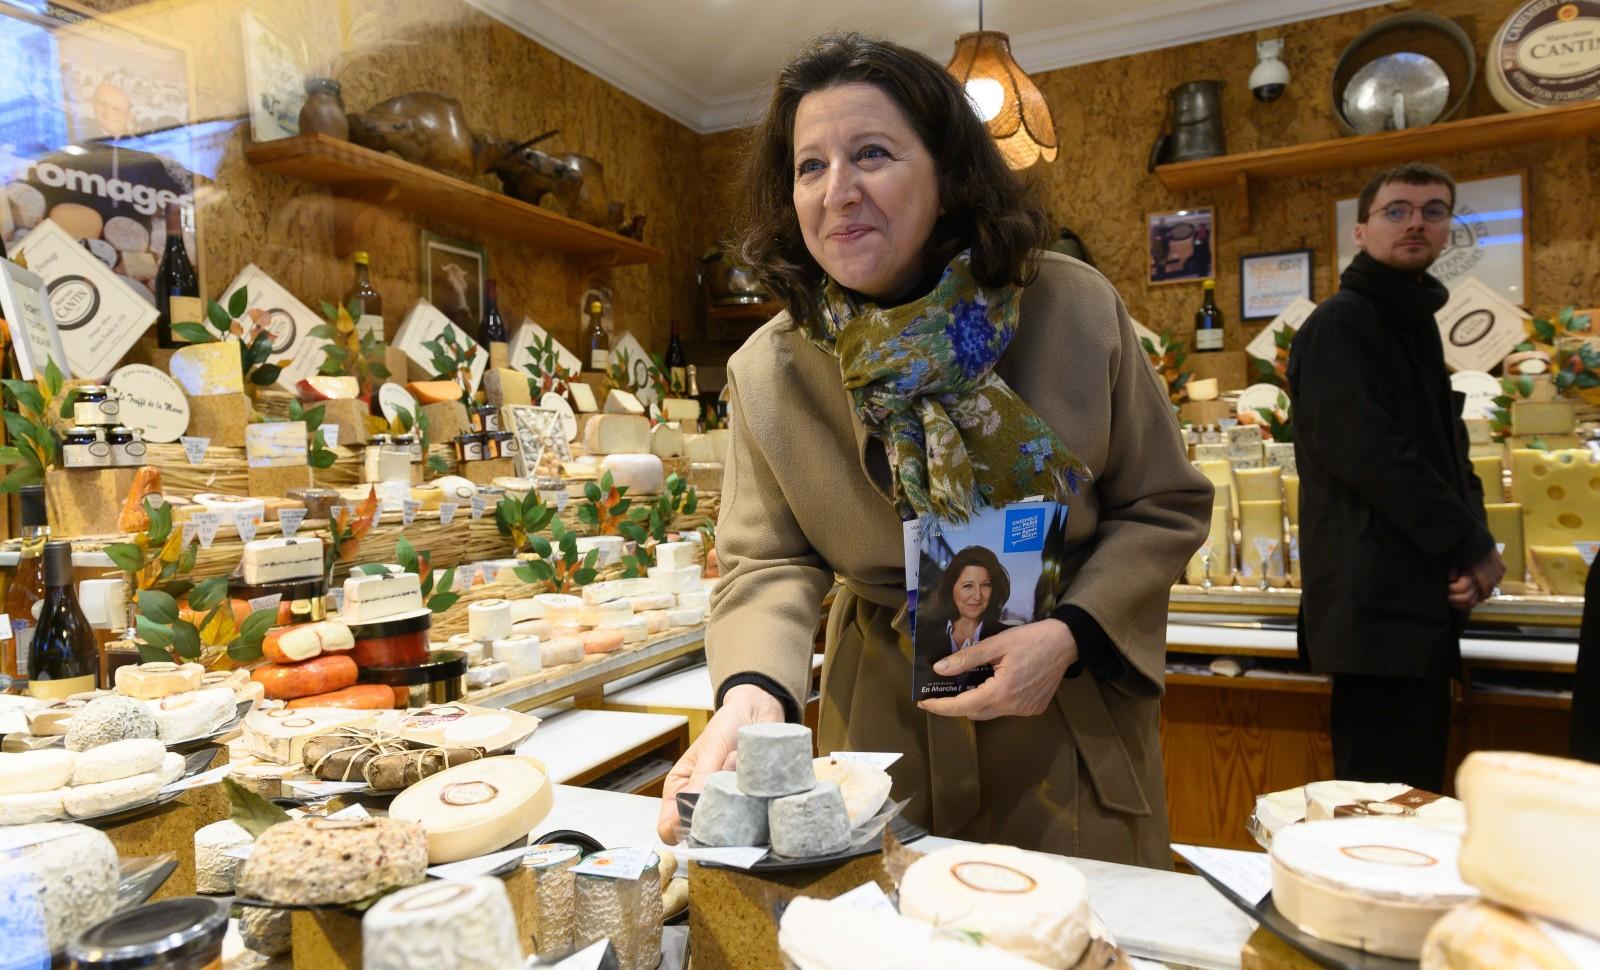 Agnès Buzyn en campagne pour les municpales à Paris, le 8 mars 2020 © Jacques Witt/SIPA Numéro de reportage: 00948837_000051